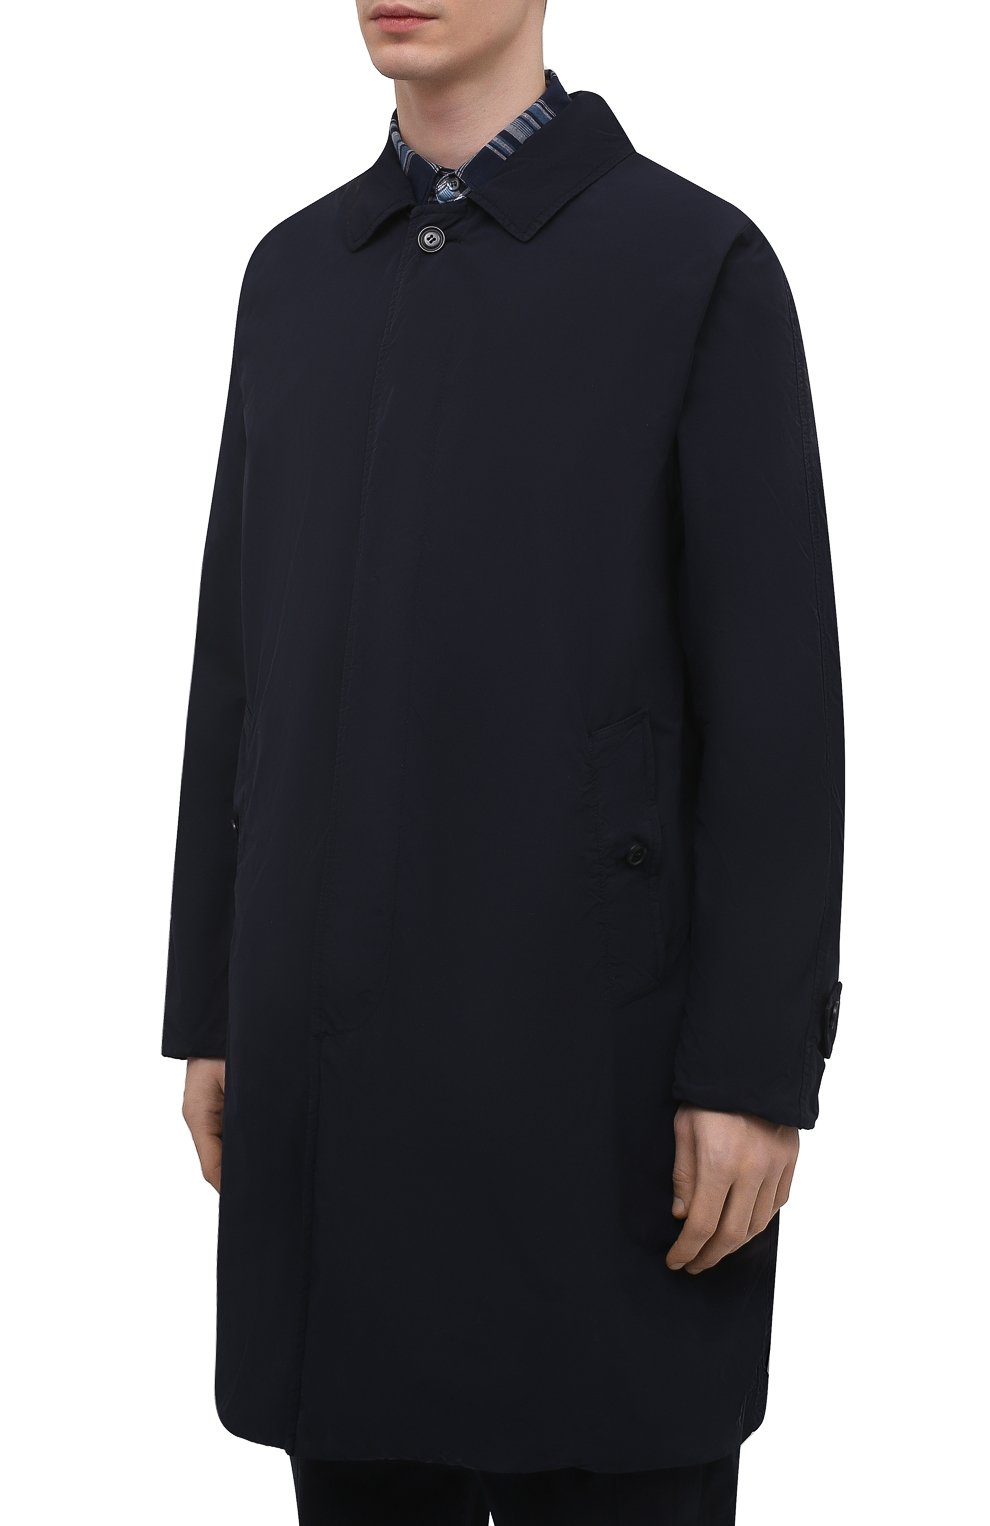 Мужской утепленный плащ ASPESI темно-синего цвета, арт. S1 I I108 F973 | Фото 3 (Мужское Кросс-КТ: Плащ-верхняя одежда; Рукава: Длинные; Длина (верхняя одежда): До середины бедра; Материал внешний: Синтетический материал; Материал подклада: Синтетический материал; Стили: Кэжуэл)